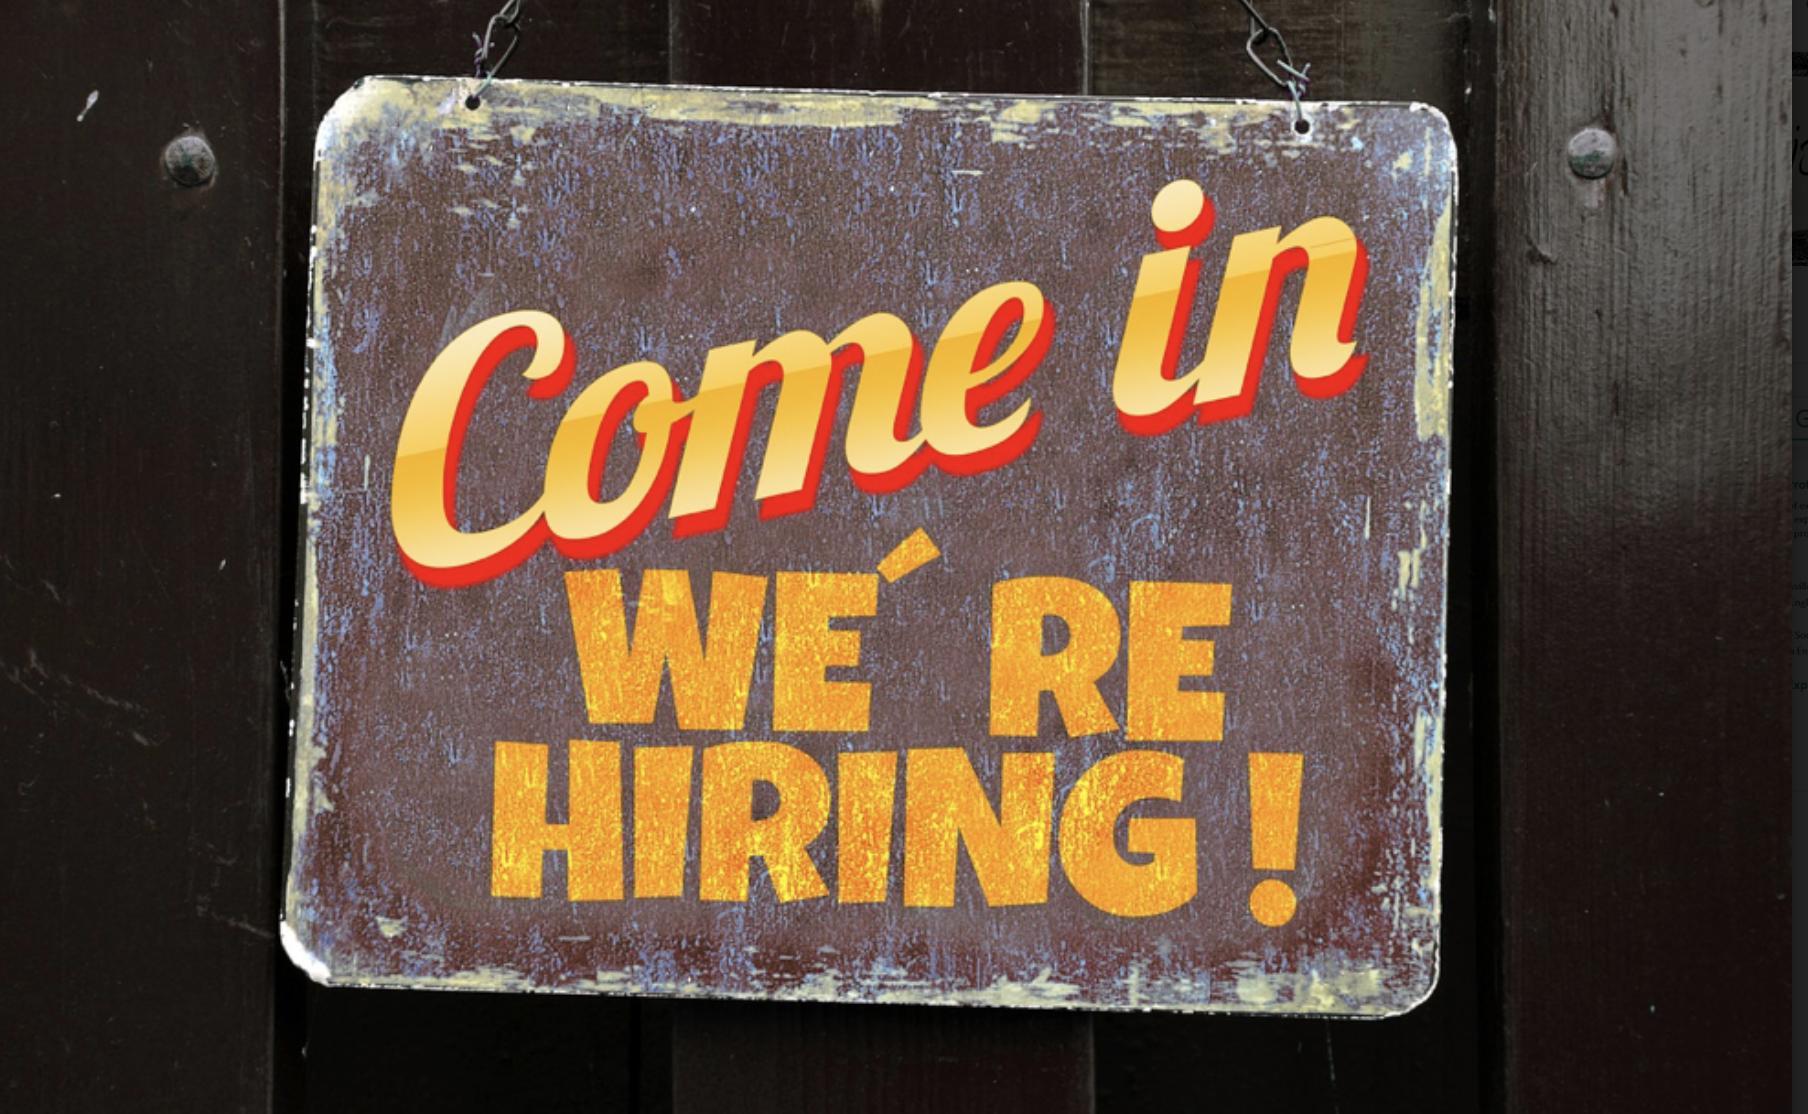 hiring sign